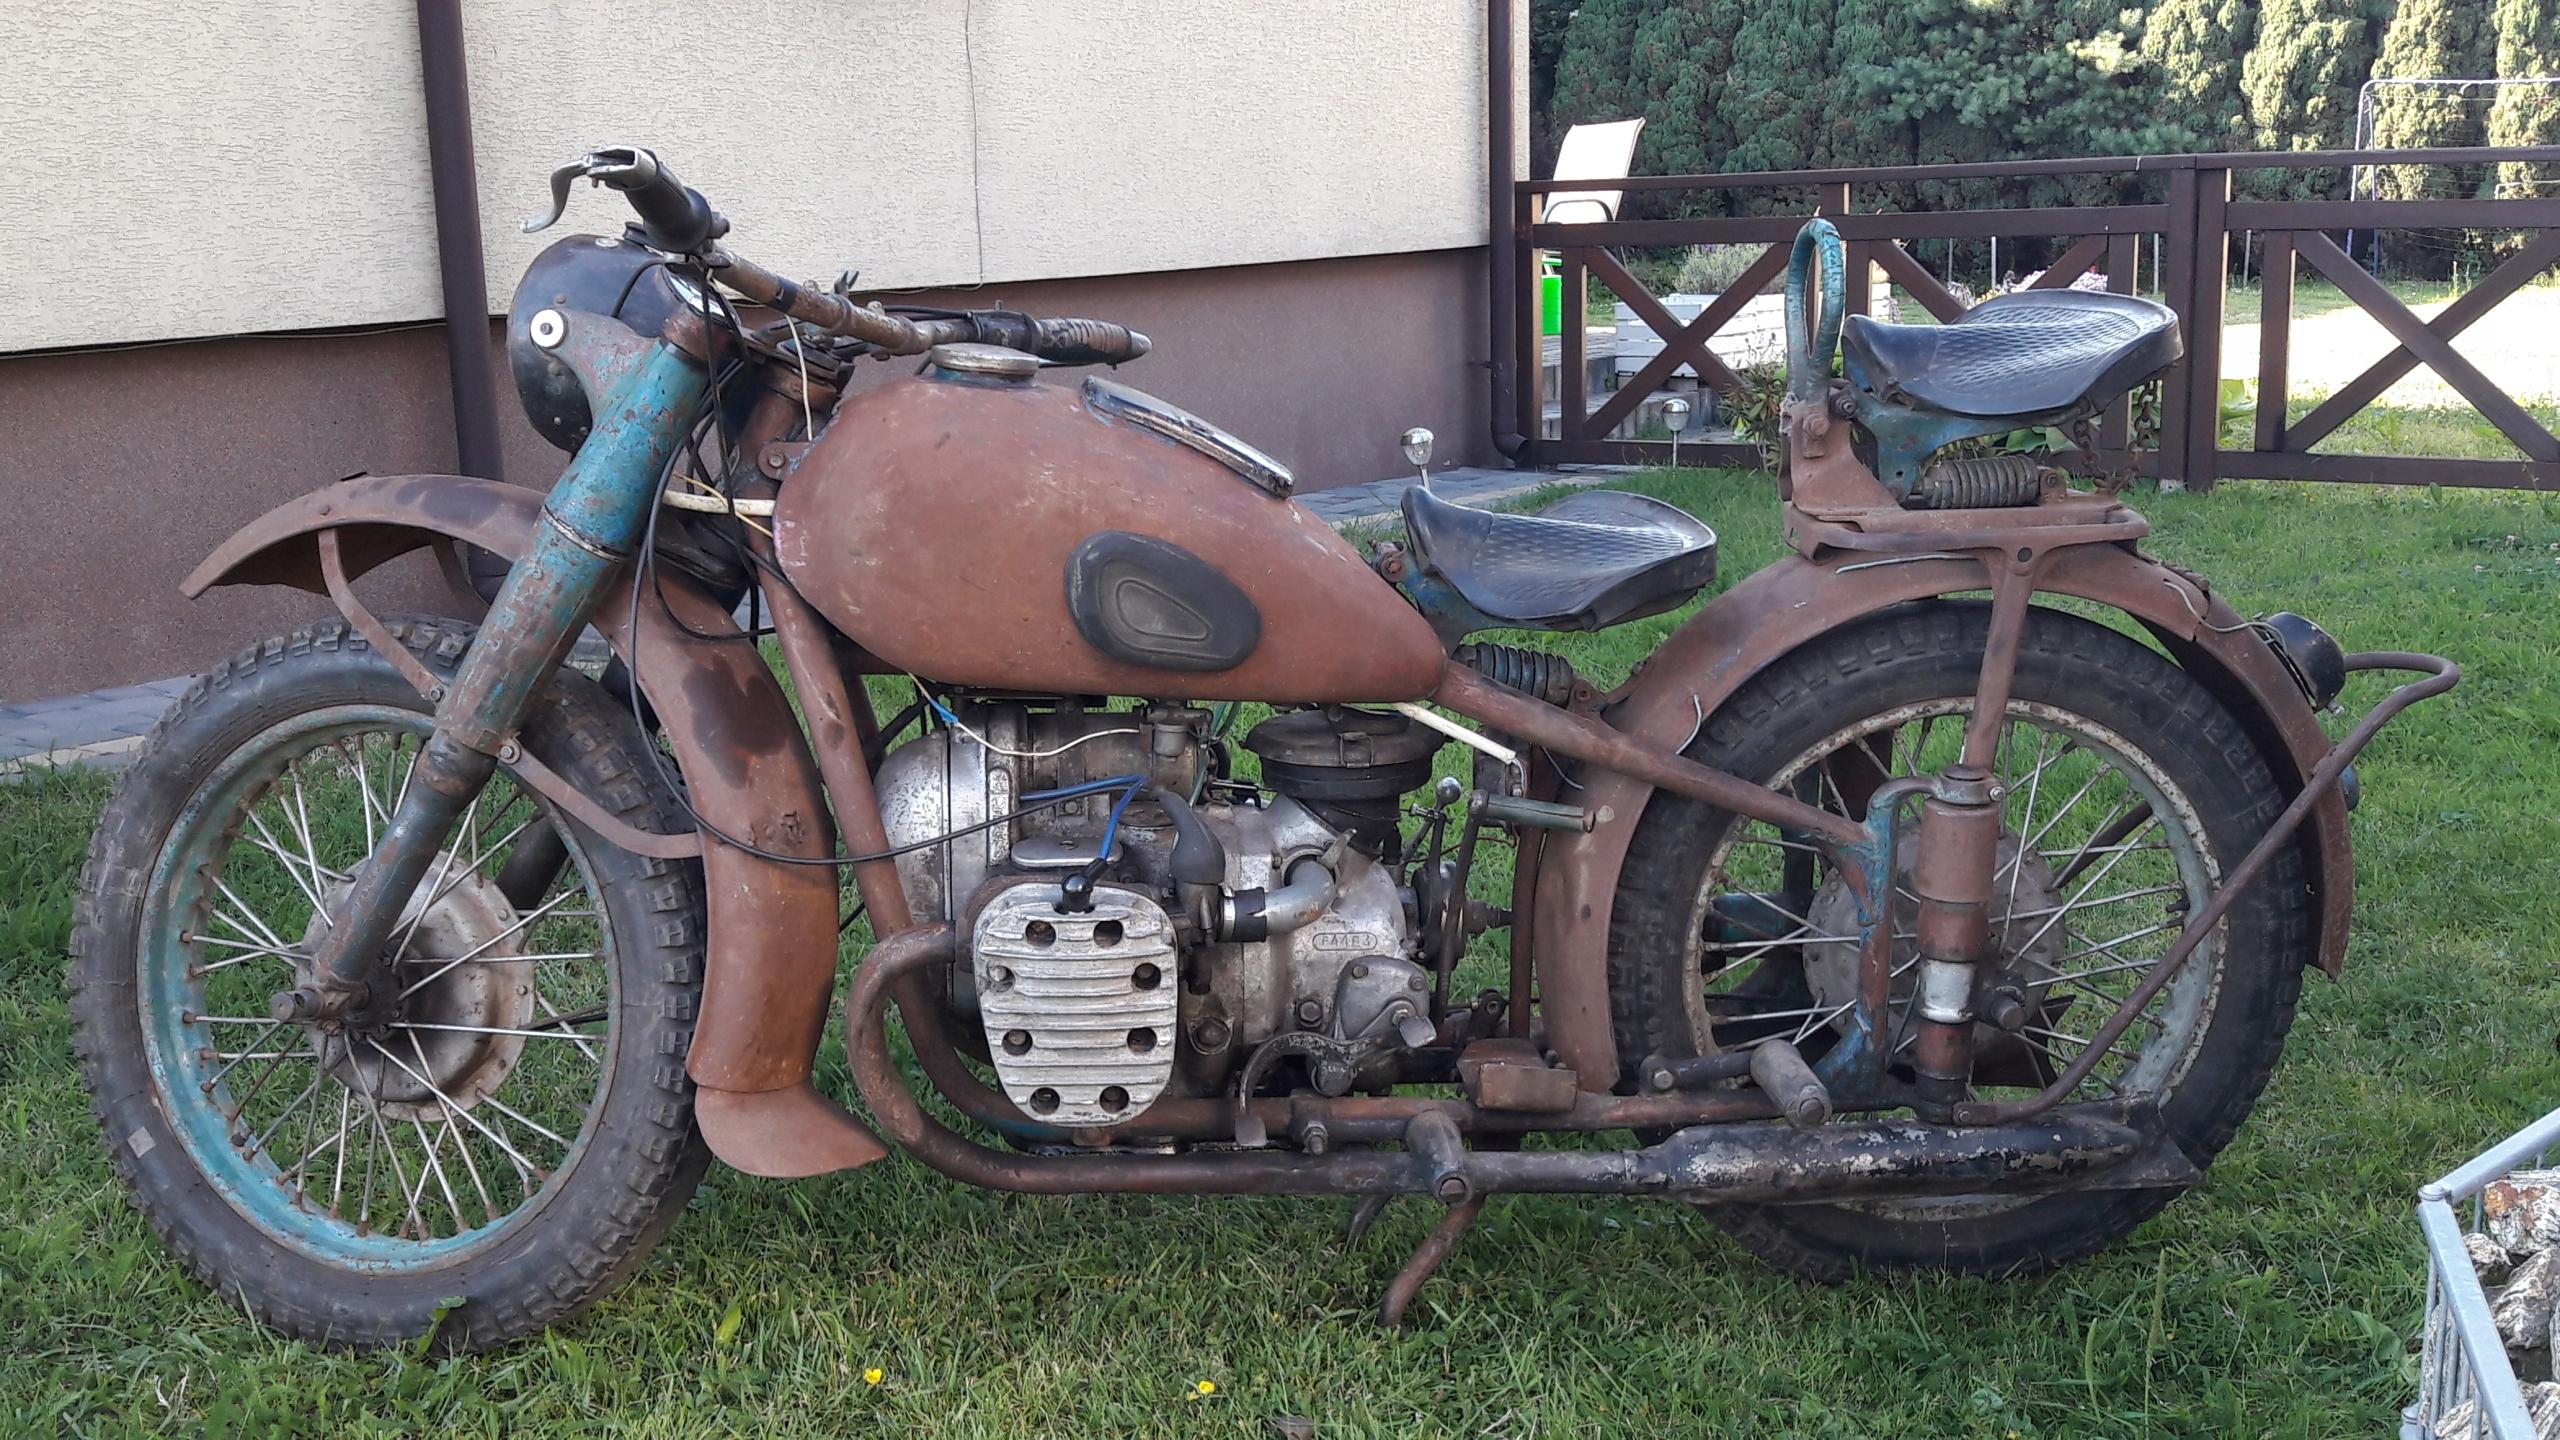 Motocykl M 72 Z Wózkiem Bocznym Nie Bmw Zis 7439587851